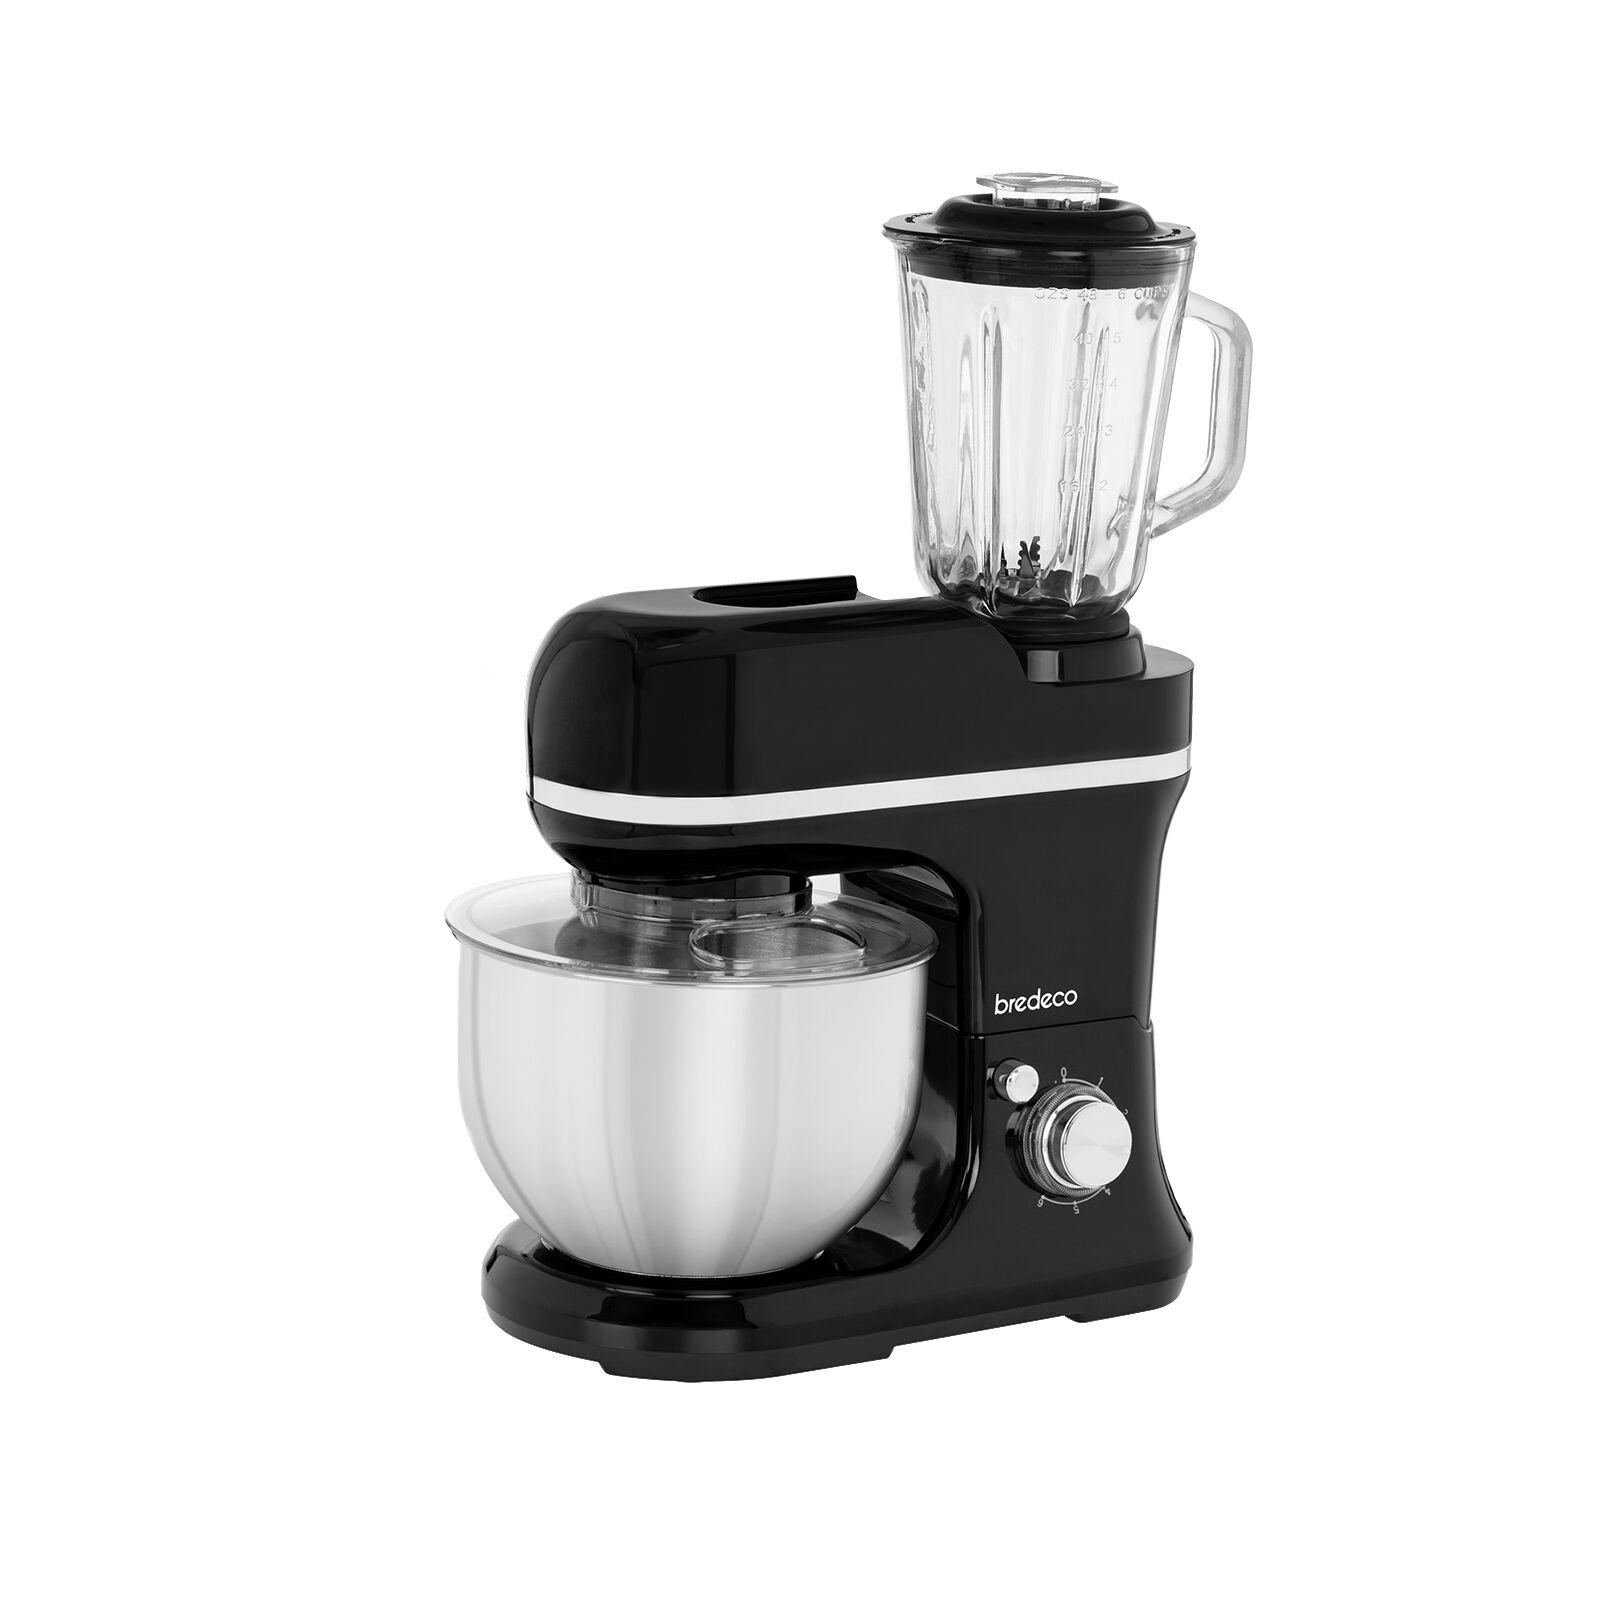 bredeco Robot da cucina multifunzione - mixer incluso - 1.200 W BCPM-1200-PRO